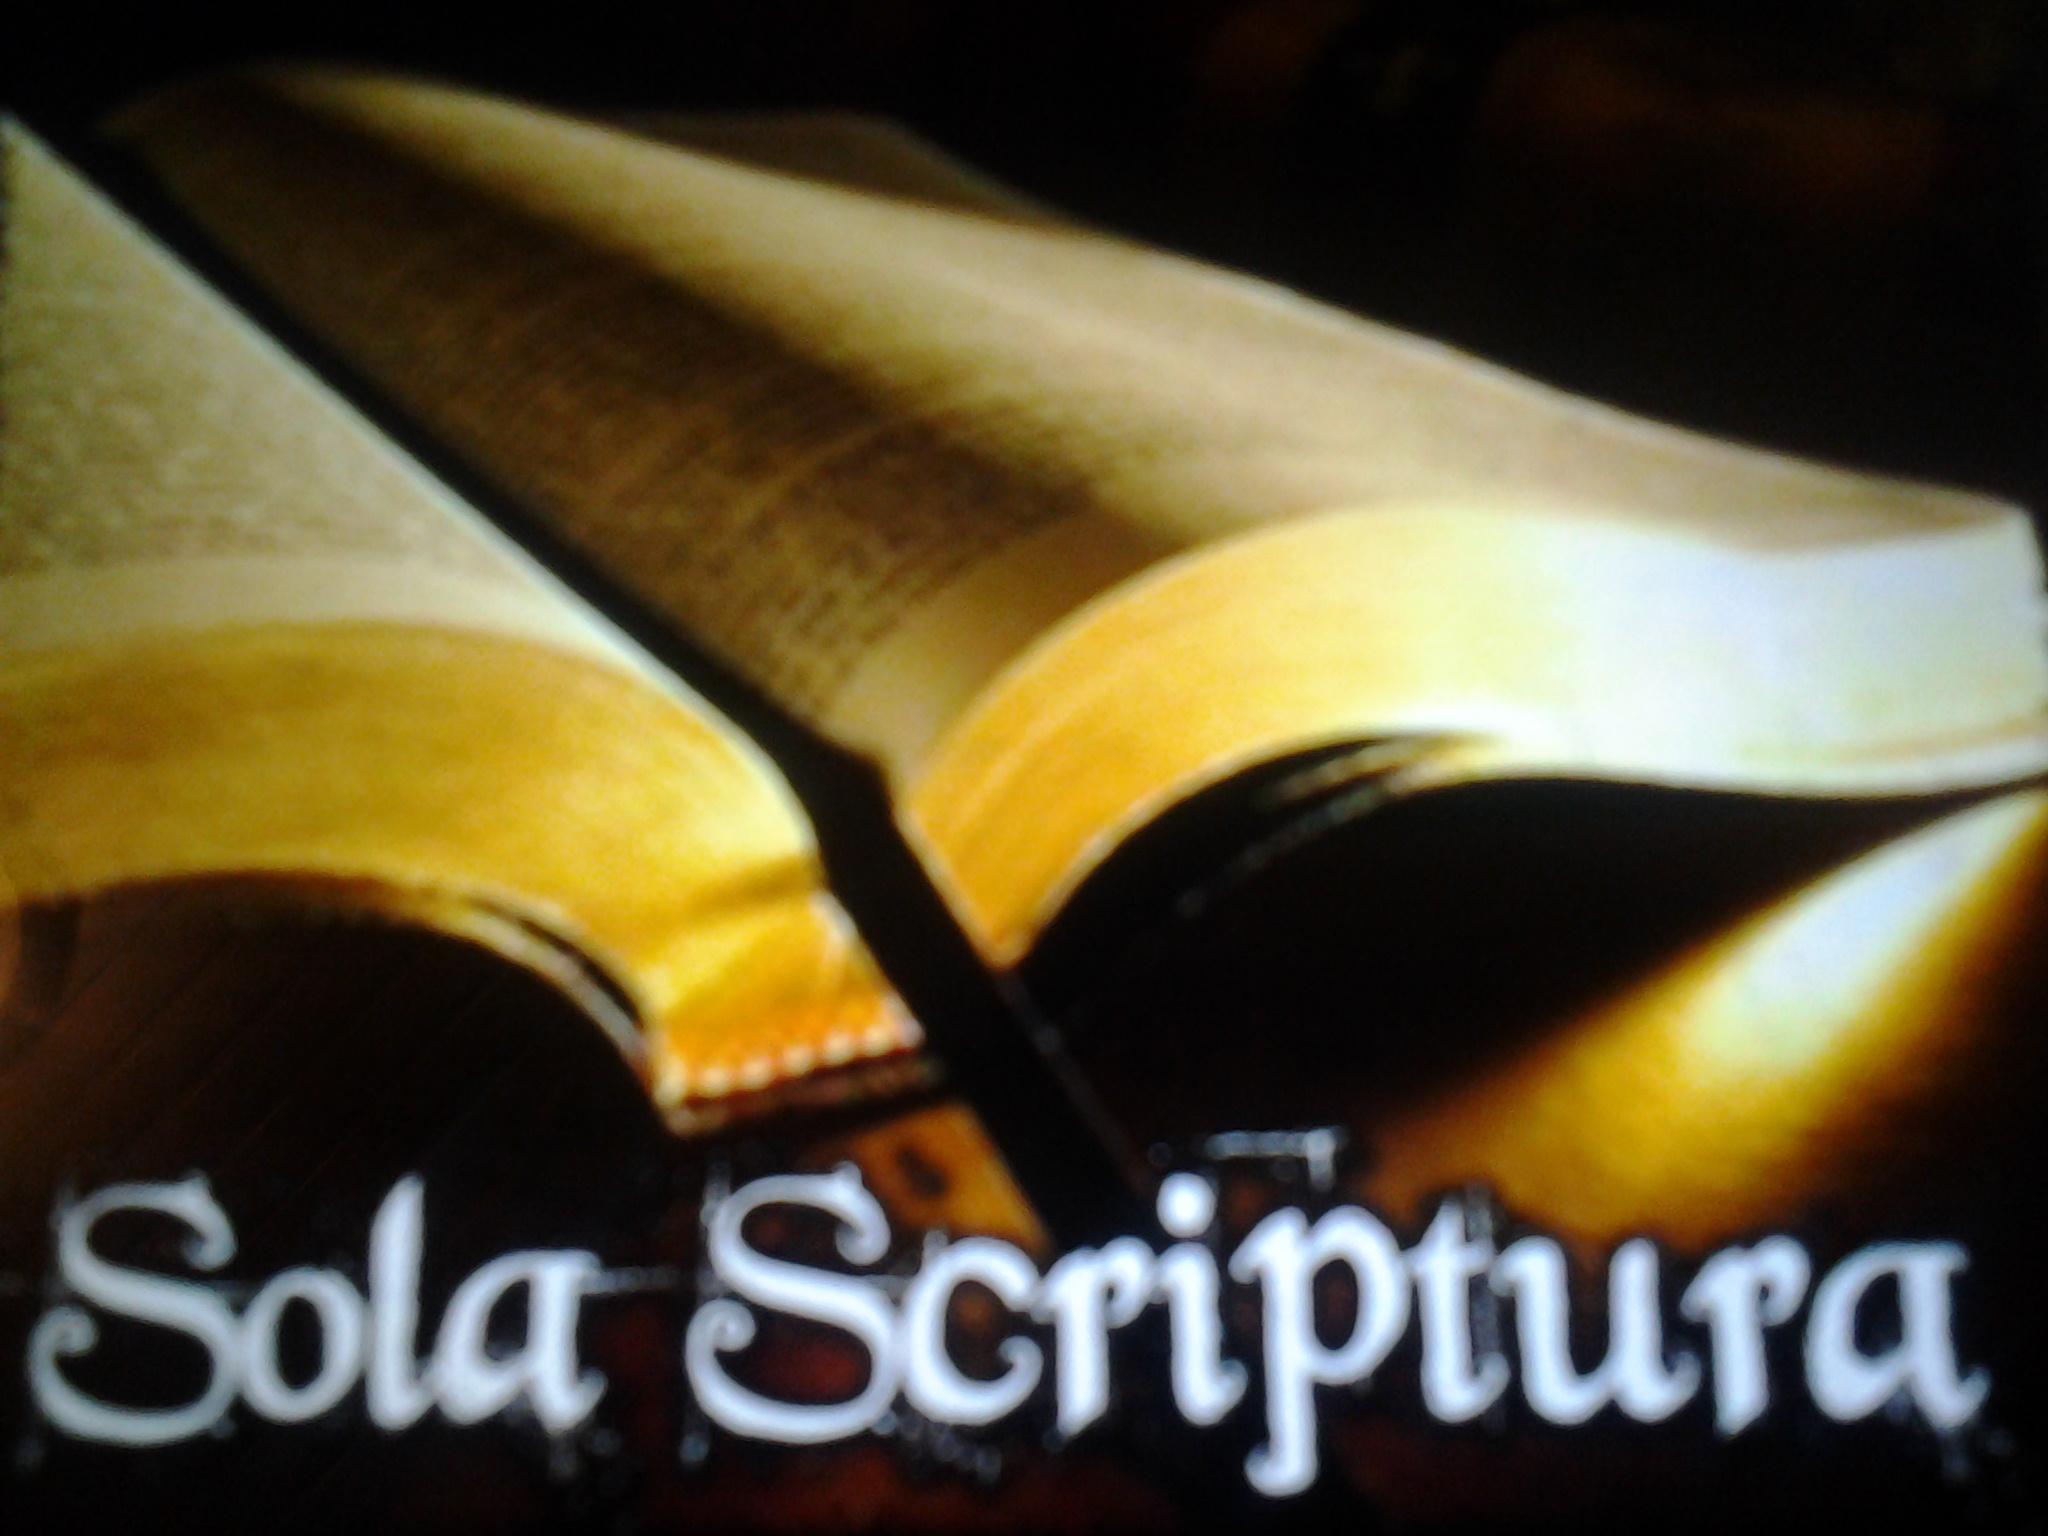 ღმერთი წყაროა წმ. წერილის გაგების. ბიბლია განმარტავს თავის თავს